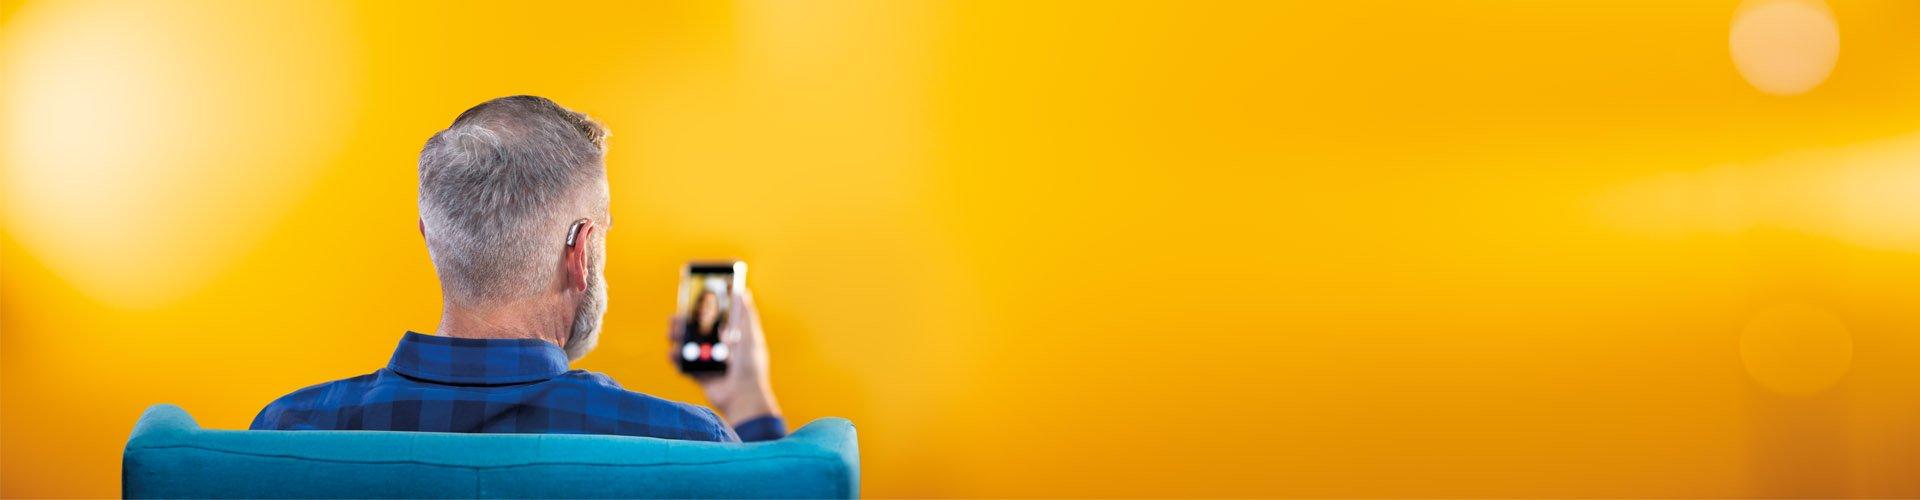 Hombre de mediana edad que usa su teléfono inteligente y sus audífonos HearLink de Philips para conectarse con amigos haciendo una videollamada.